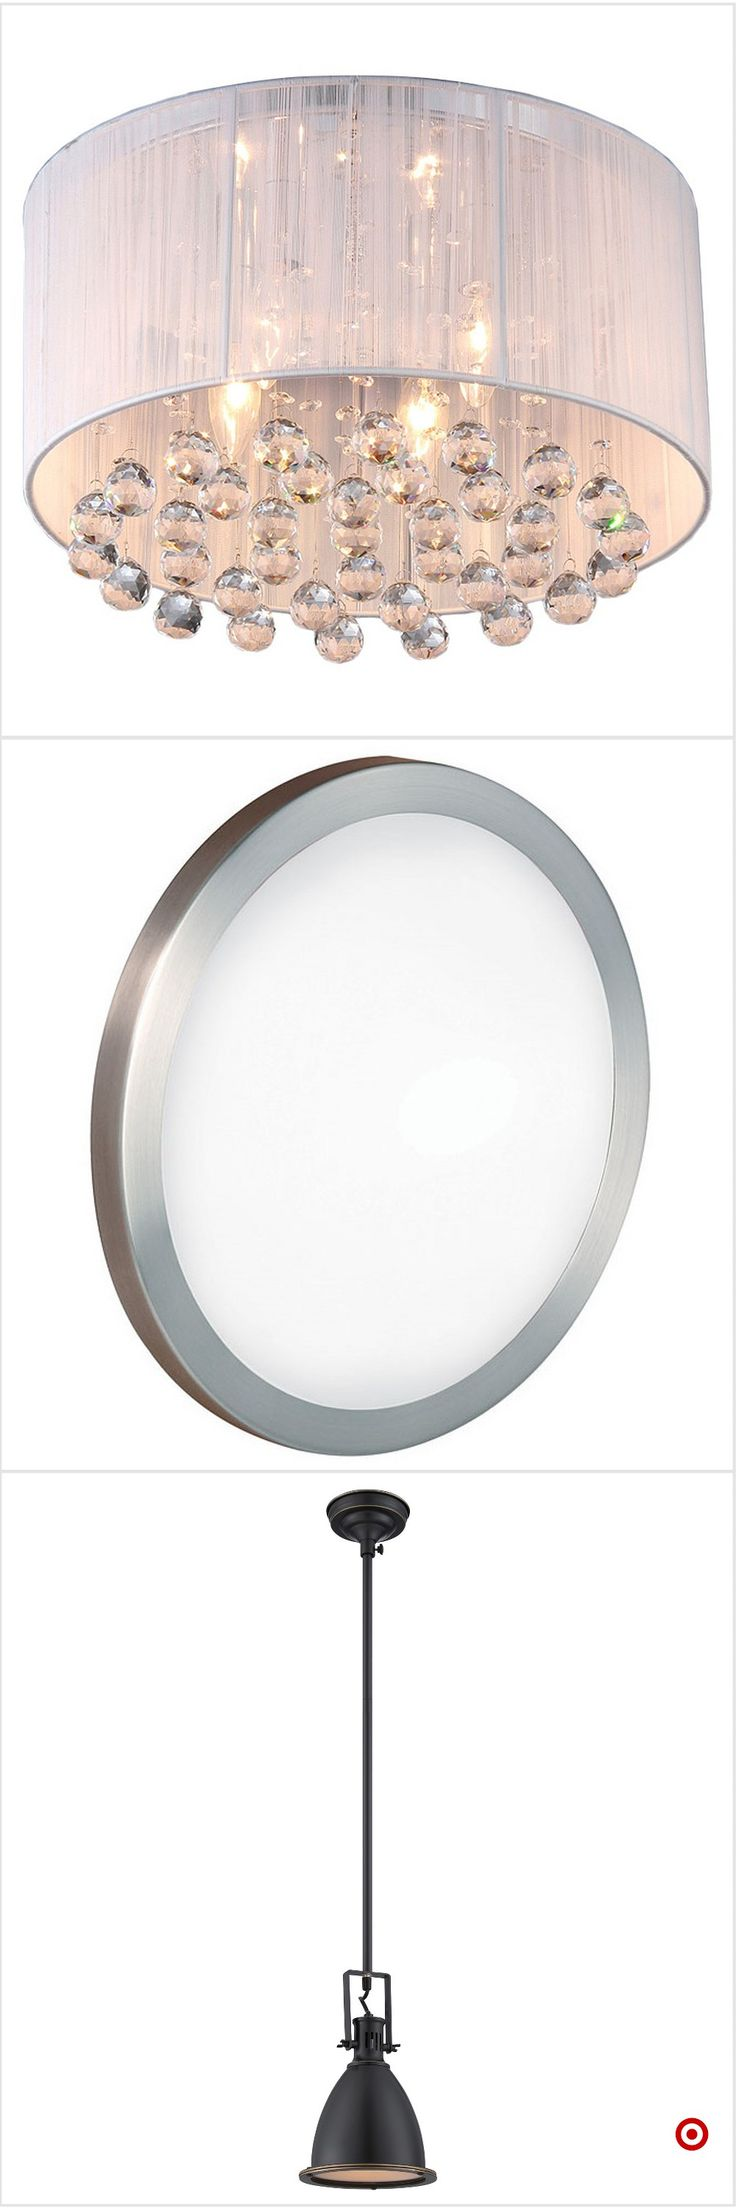 best 25 led kitchen ceiling lights ideas on pinterest linear lighting ceiling light design. Black Bedroom Furniture Sets. Home Design Ideas